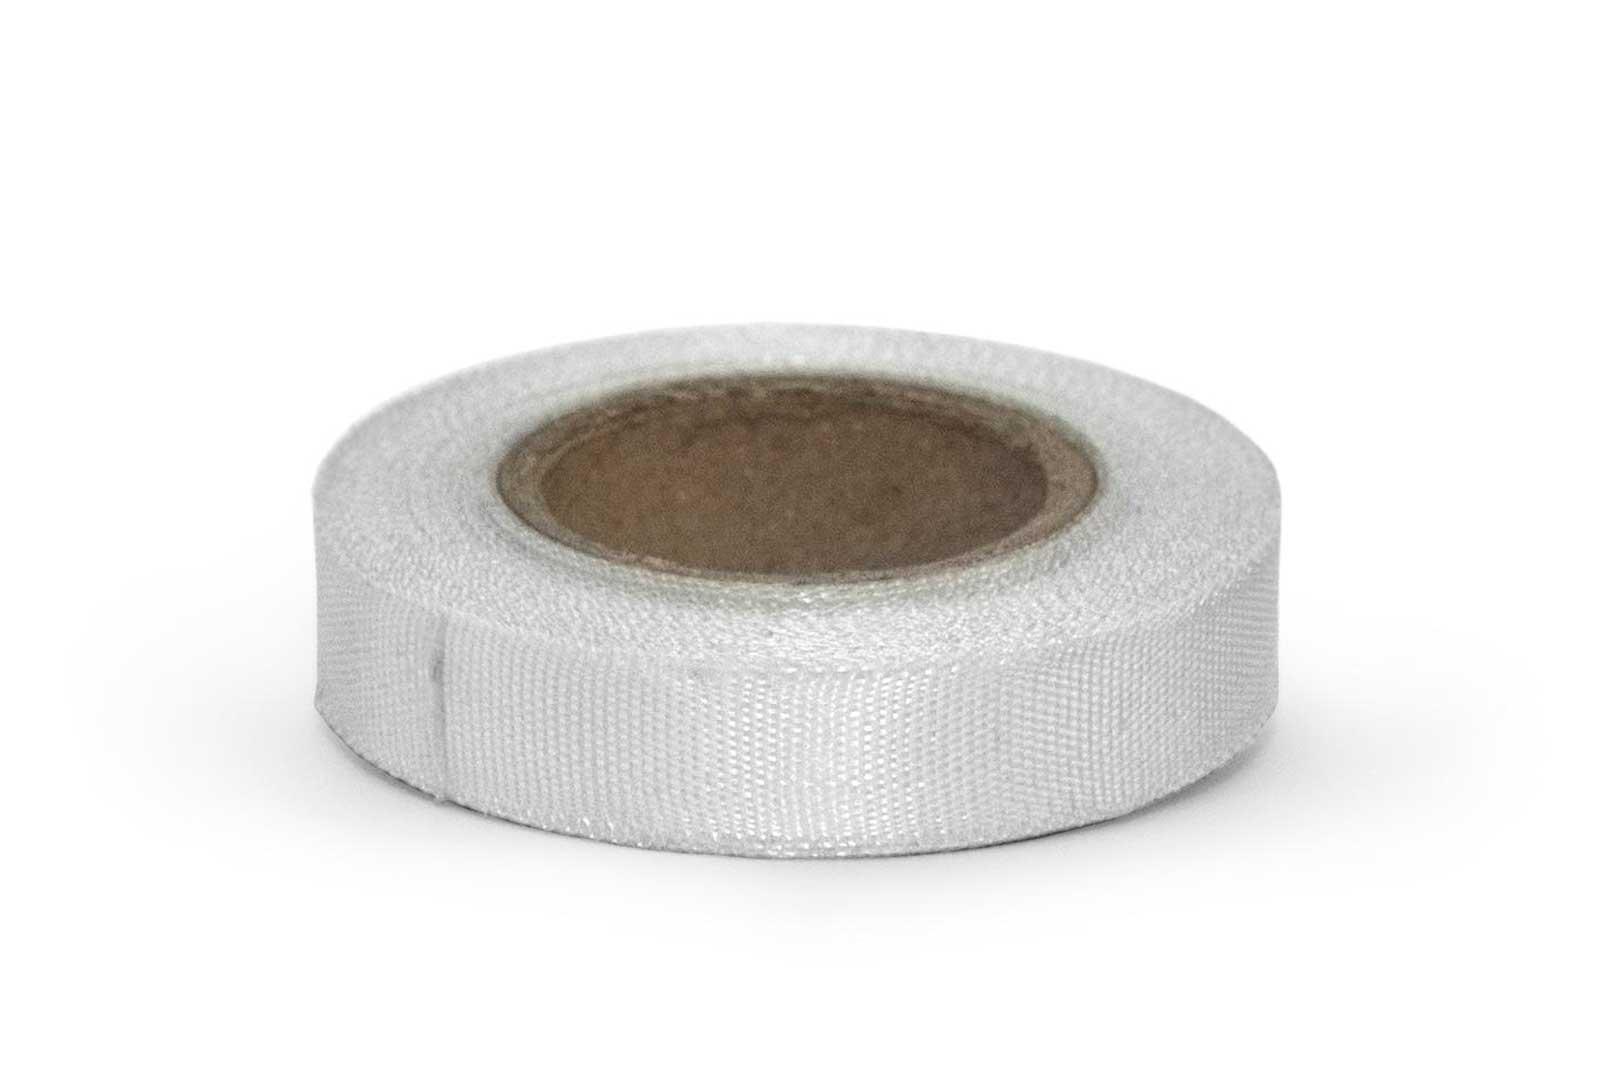 Термостойкая стеклоизолента СОКОЛ-ЭЛЕКТРО 15ммх10м сетевой фильтр most arg 6 sockets 5m white